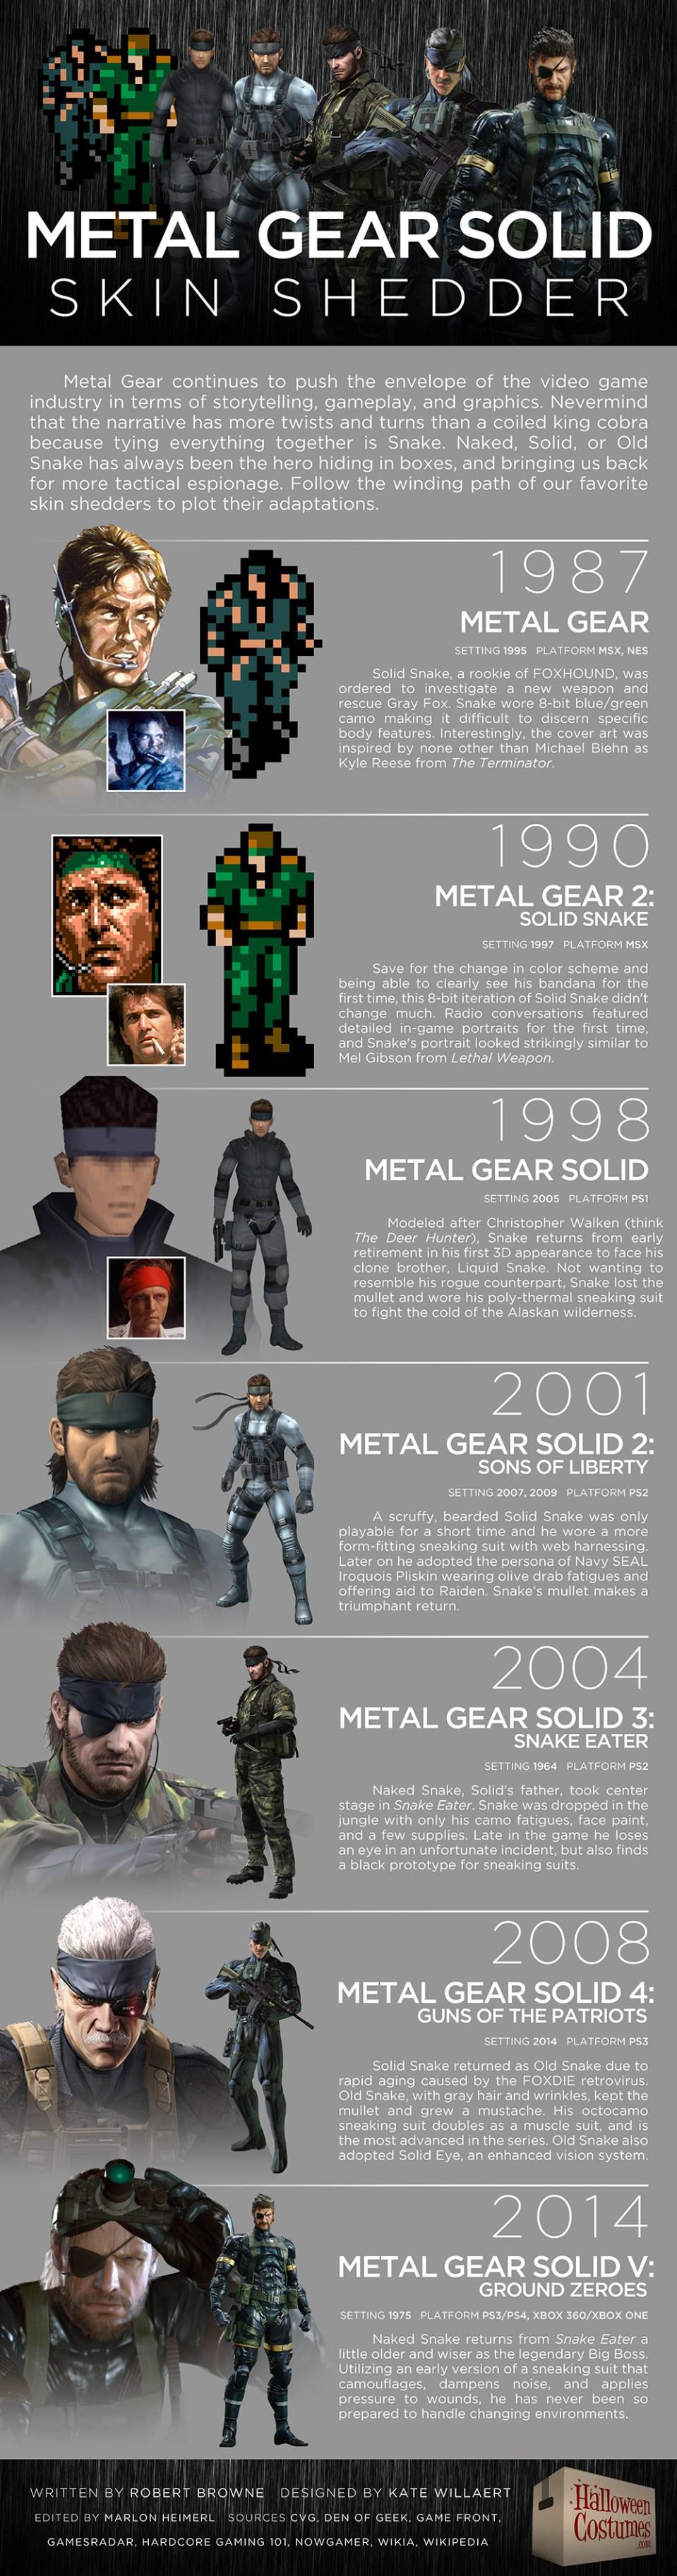 Metal Gear Solid:Skin Shedder Infographic